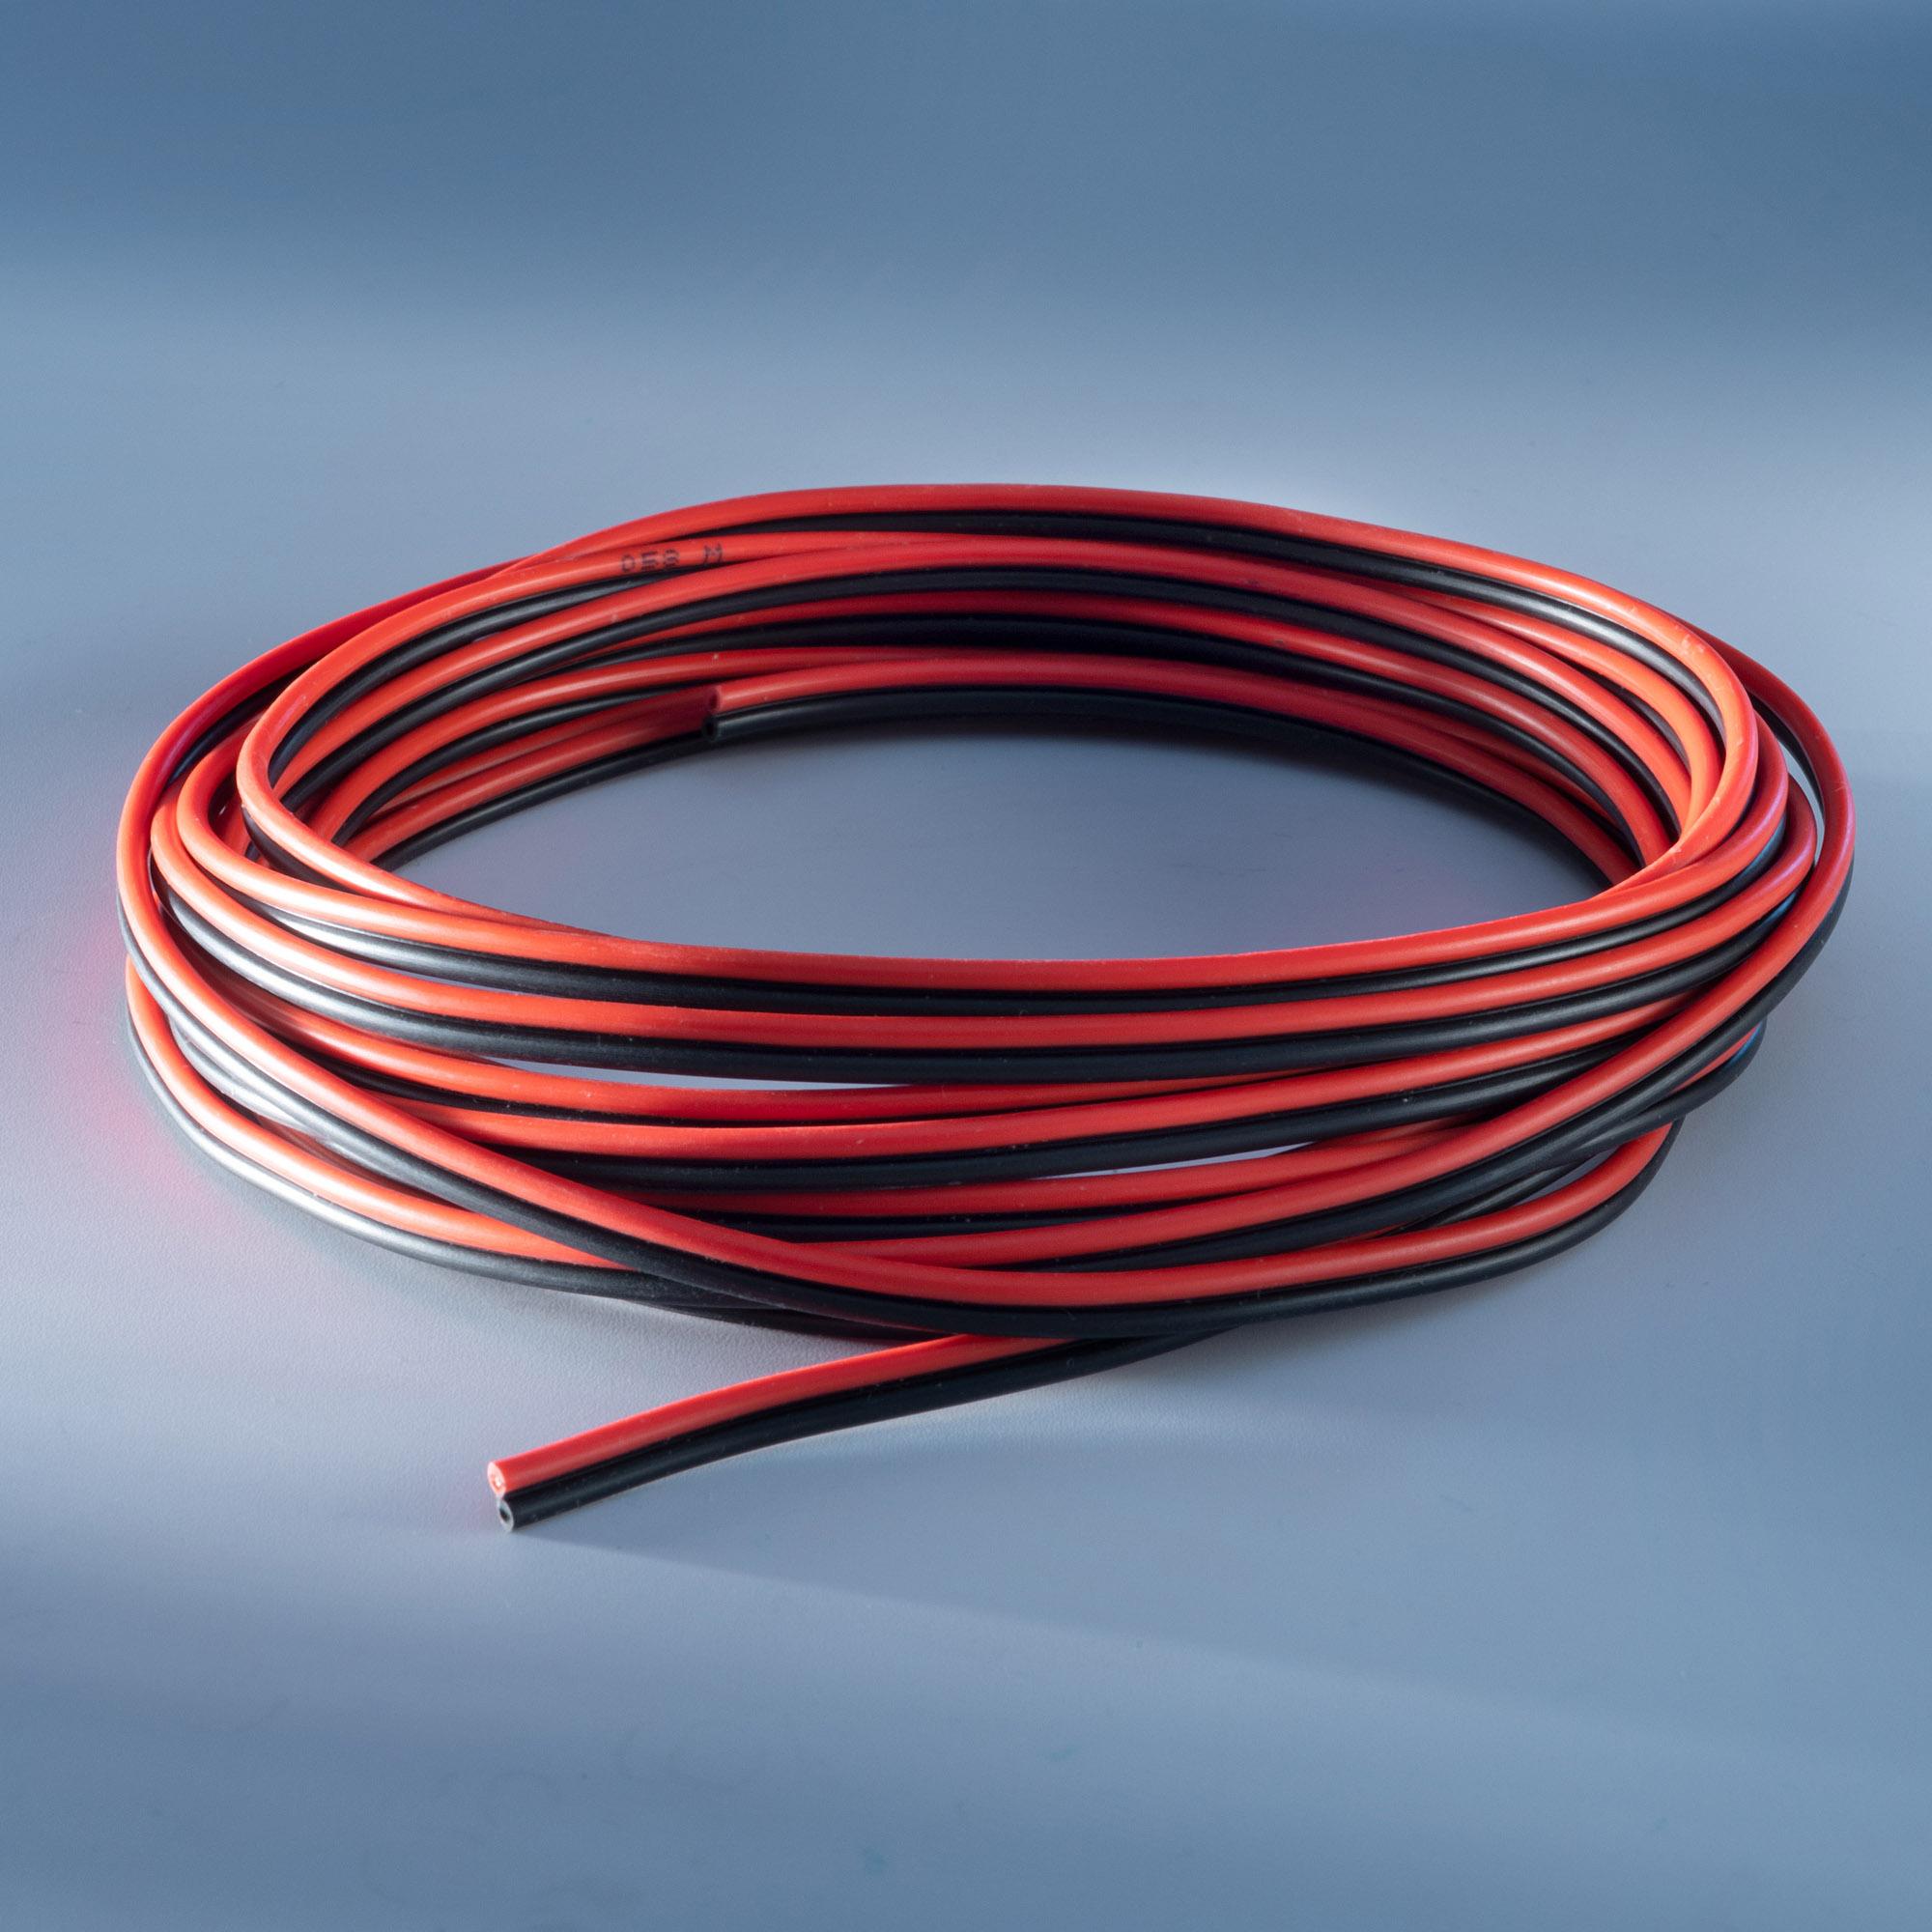 LUMITRONIX Zuleitung, Querschnitt 2x 0,75mm², 5m, PVC 37592